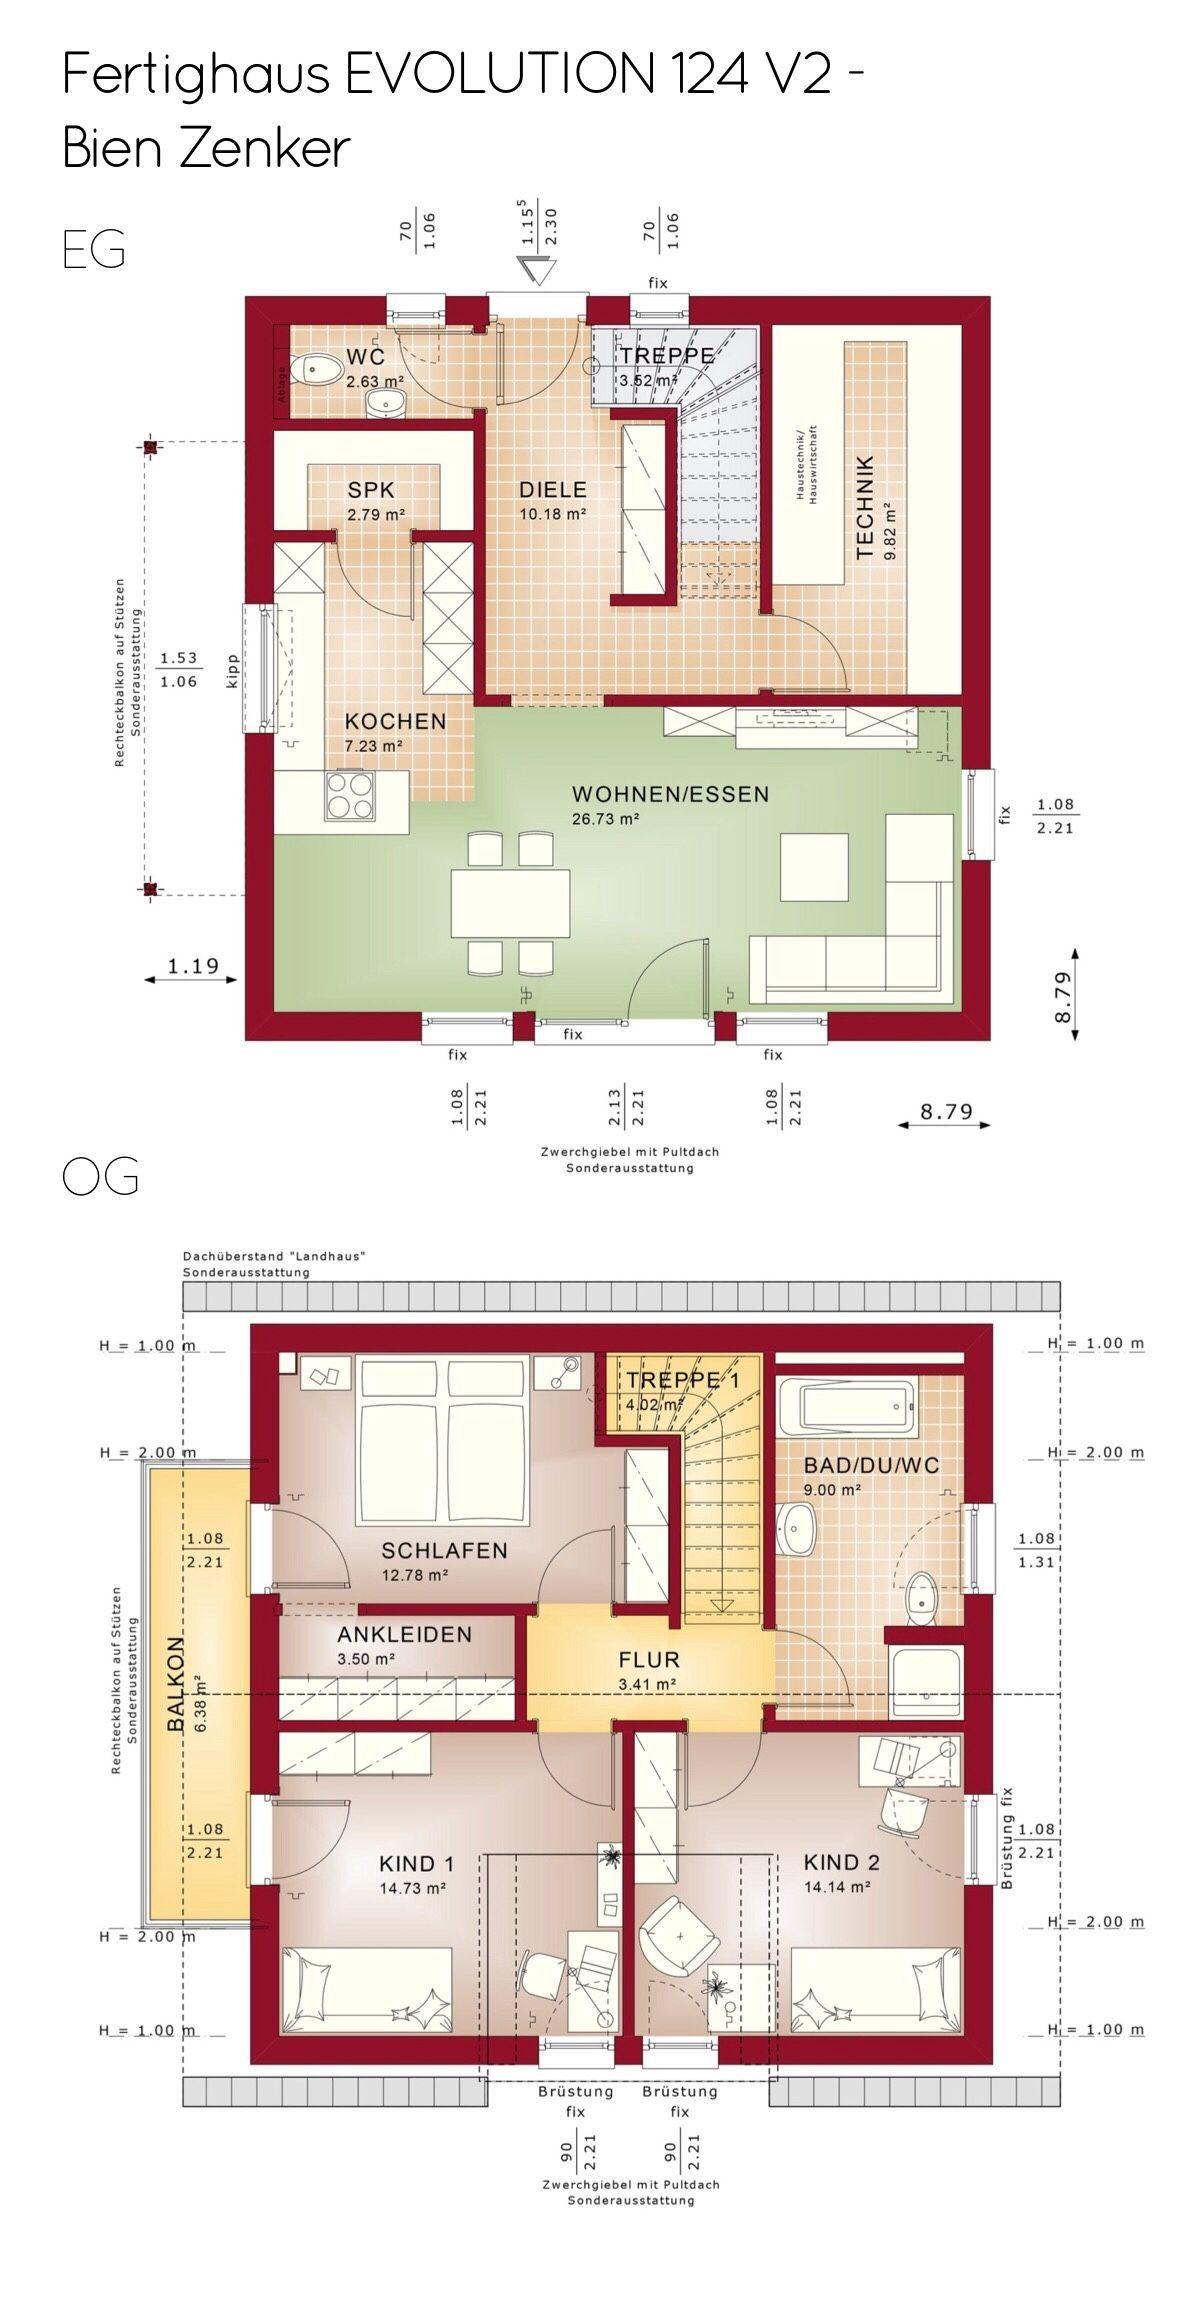 Grundriss Einfamilienhaus Mit Satteldach Architektur 4 Zimmer 125 Qm Ohne Keller Erdgeschoss Quadratisch Kuche Haus Grundriss Einfamilienhaus Haus Bauen